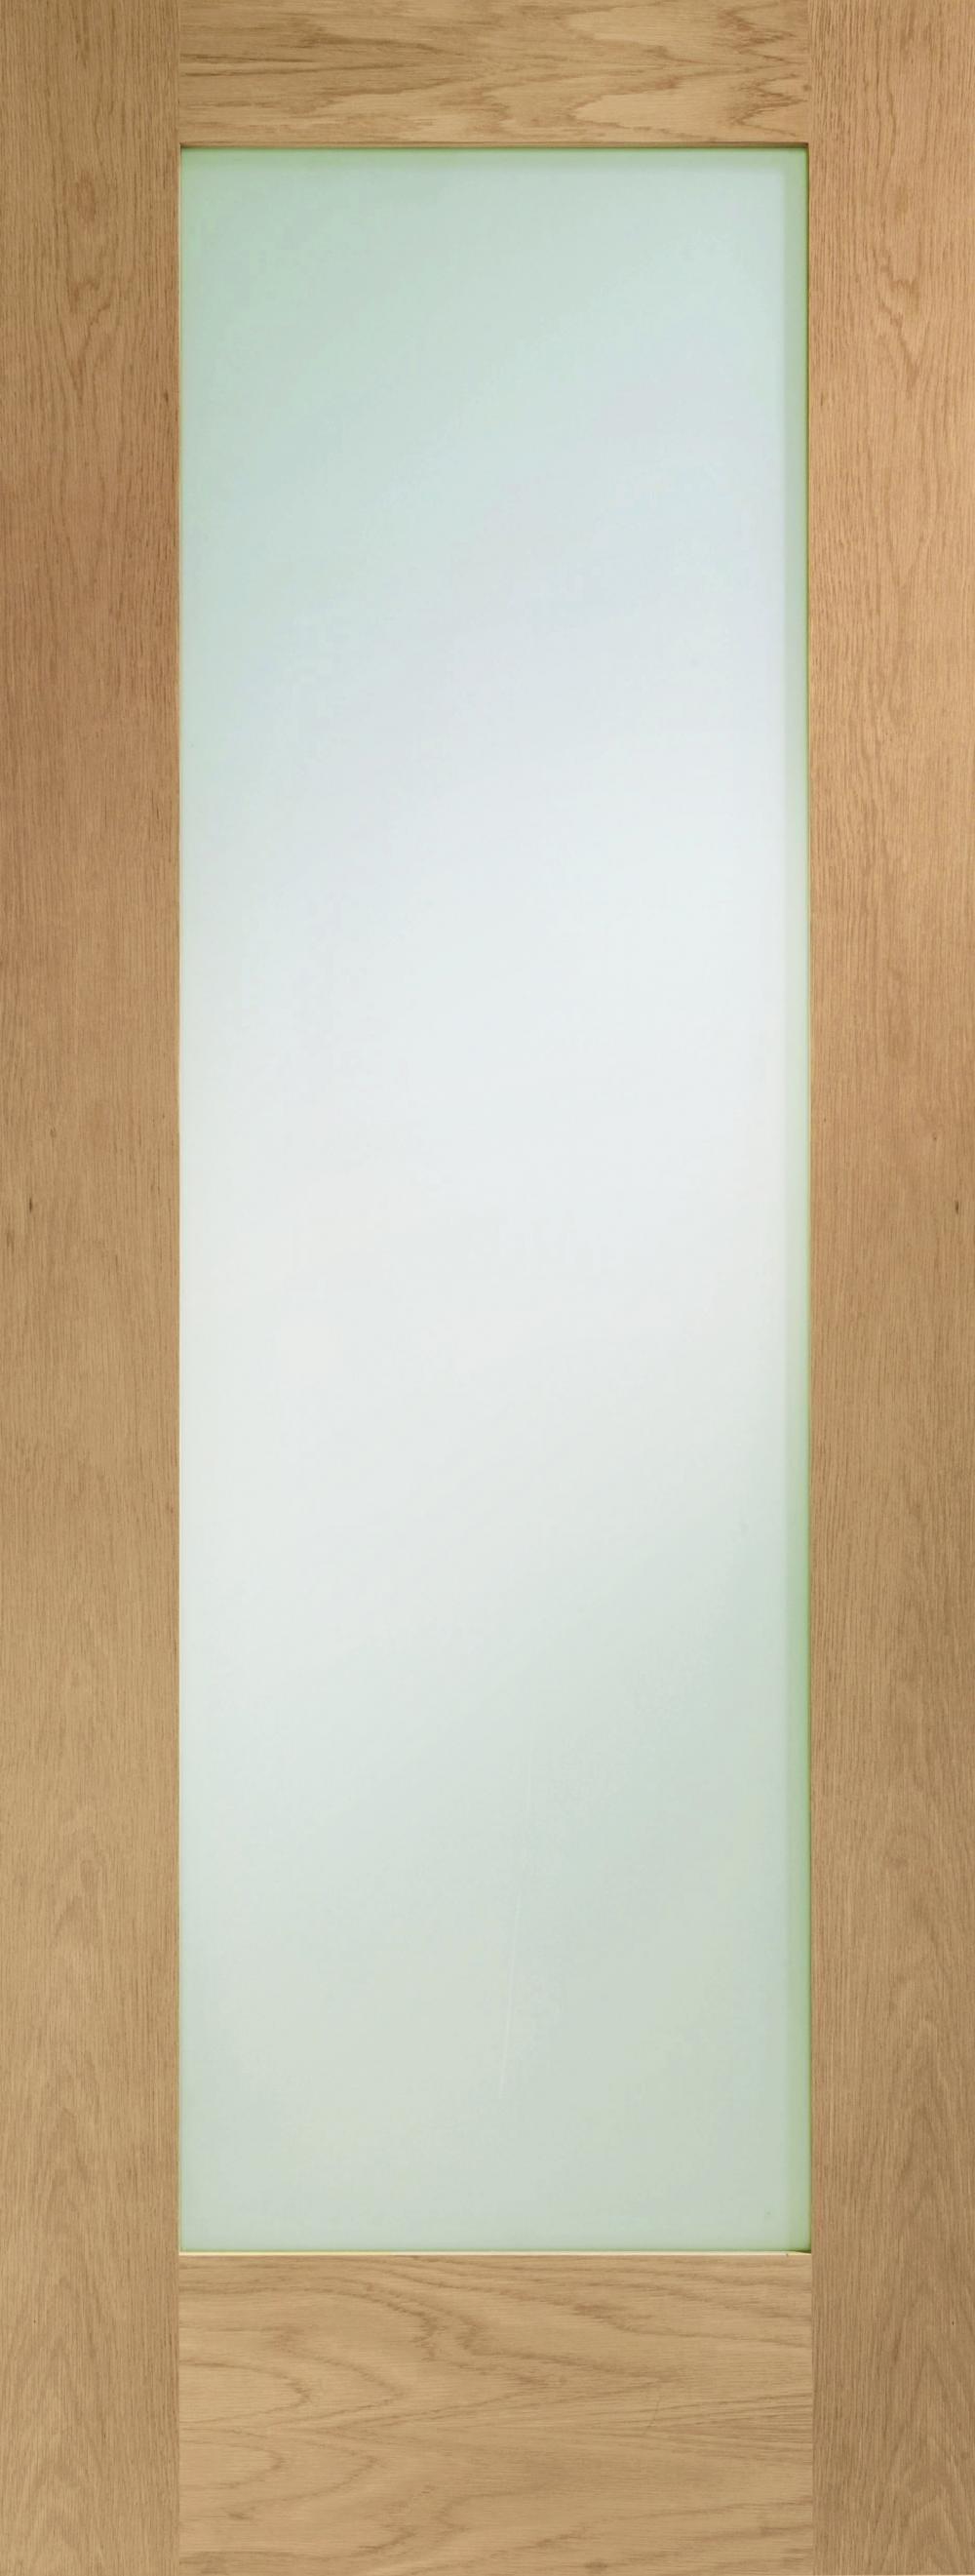 Pattern 10 Oak - Prefinished Clear Glass Image